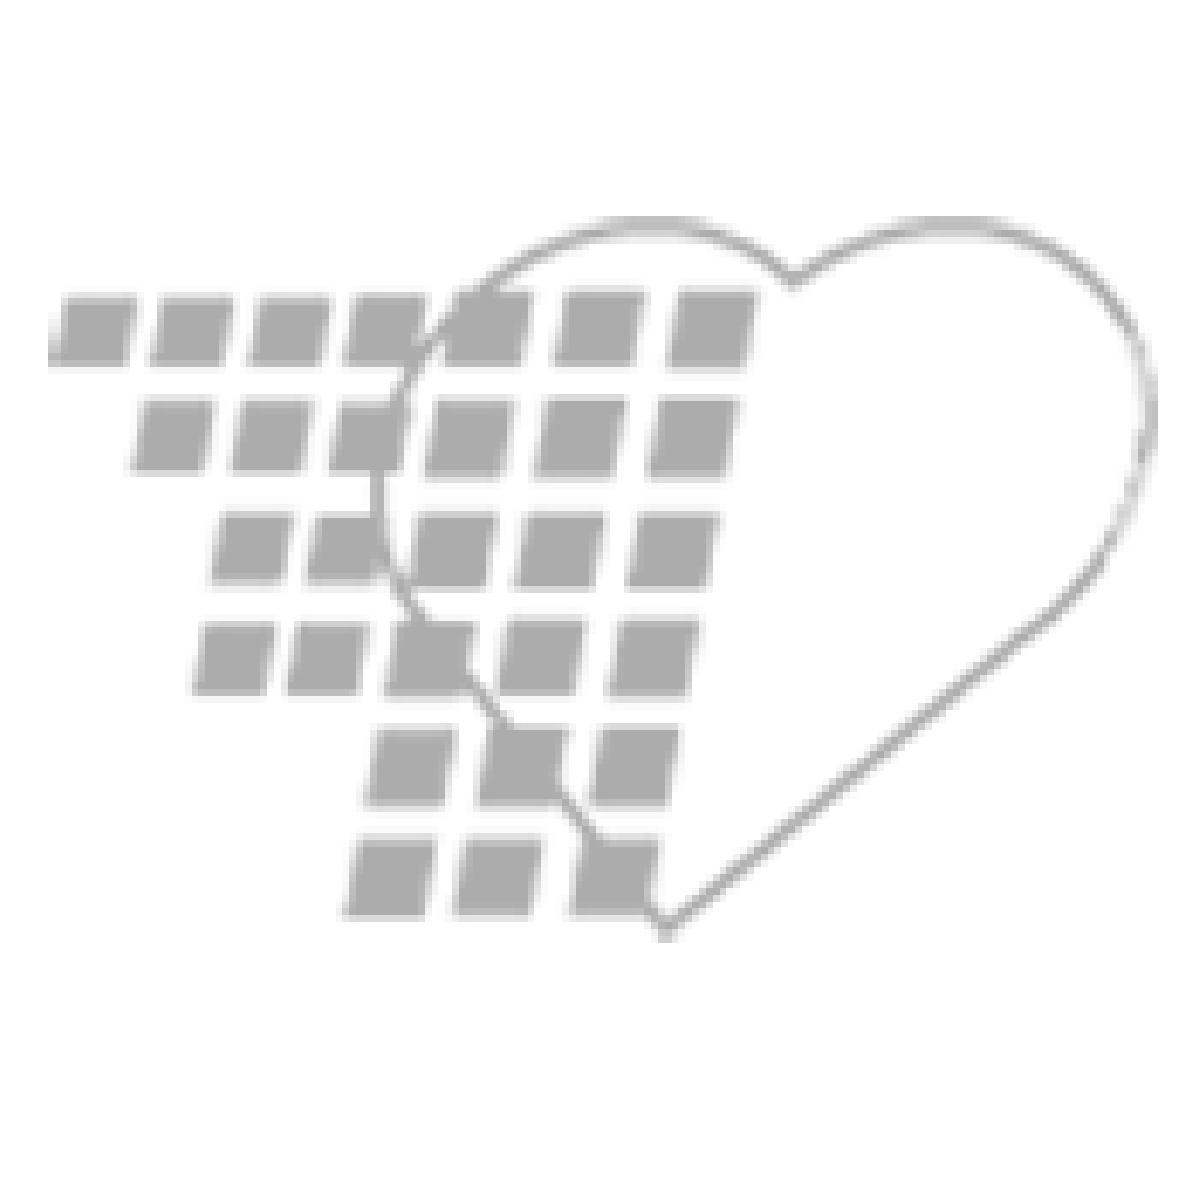 08-02-1202 - Povidone Iodine Swabsticks